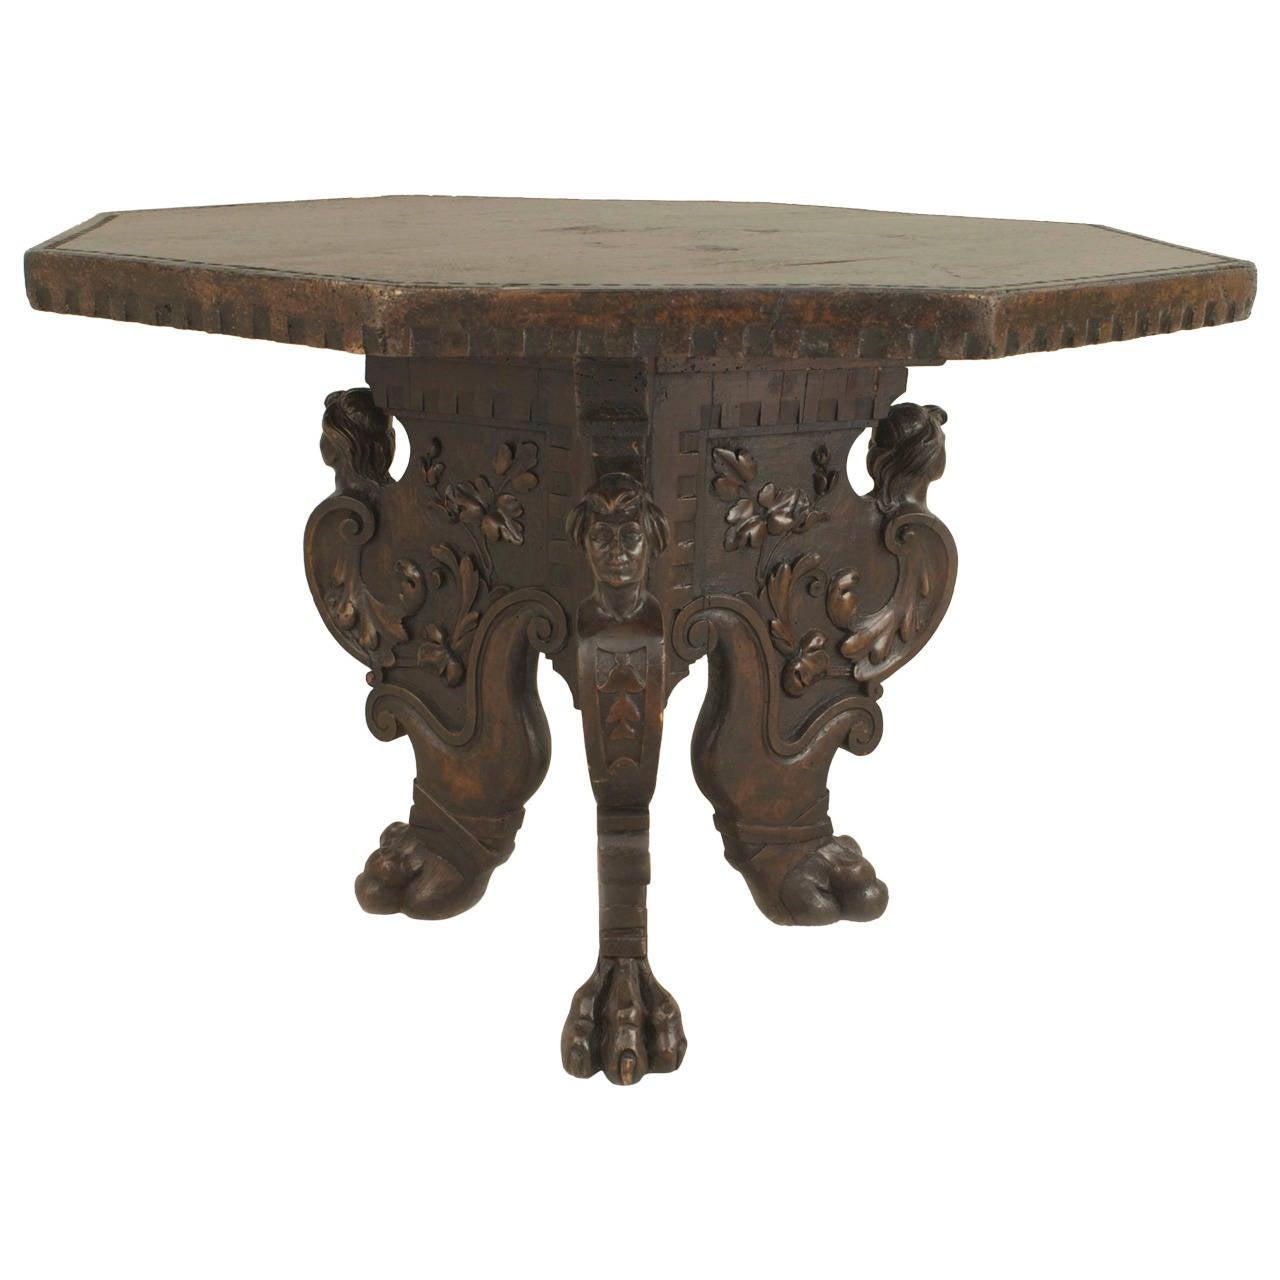 19th Century Italian Renaissance Revival Octagonal Walnut Center Table